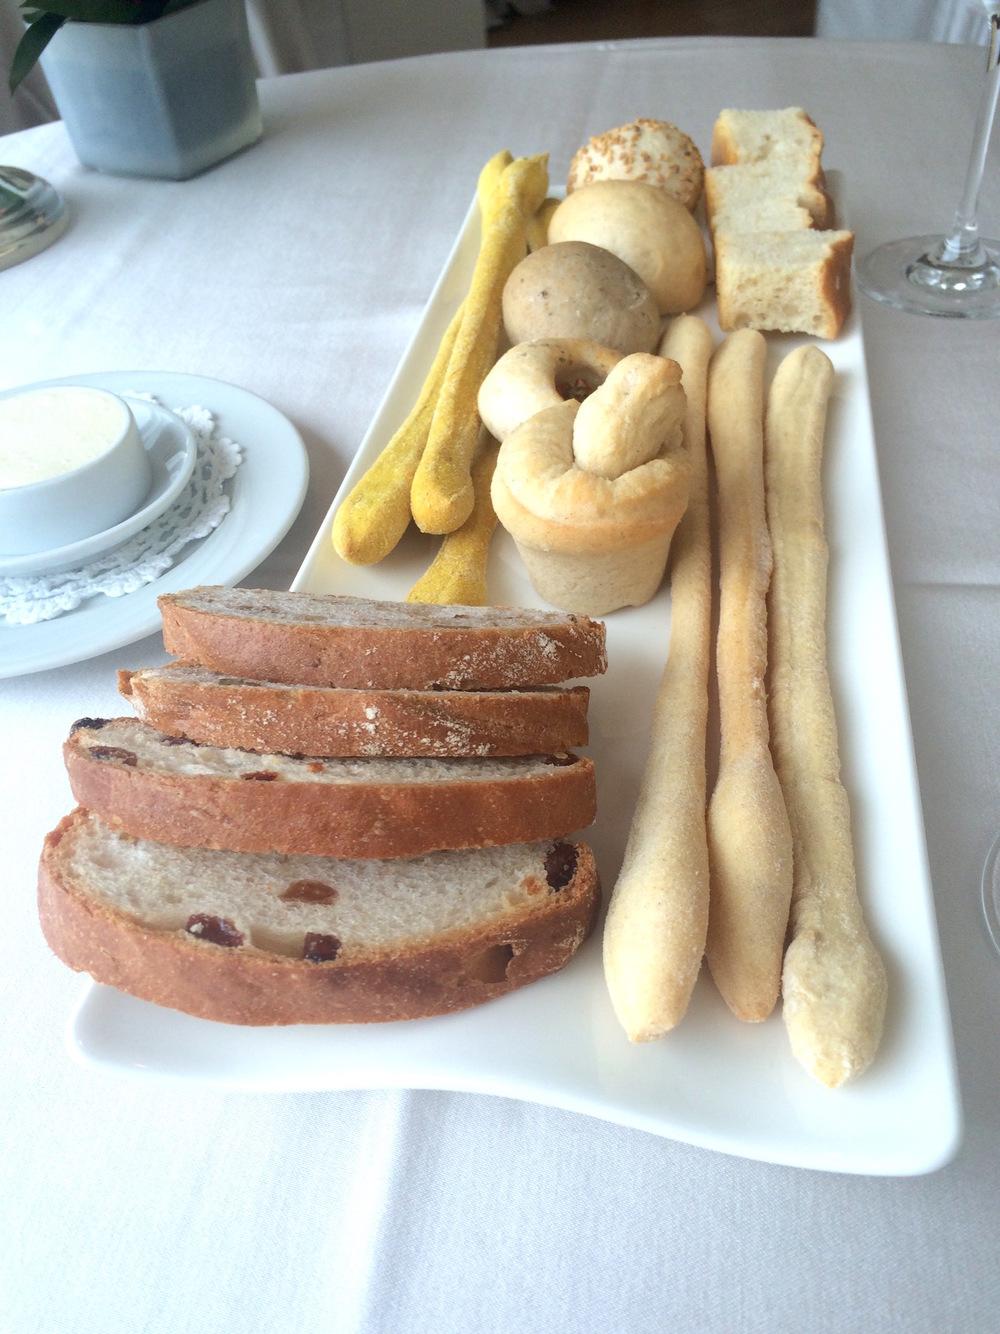 turmeric bread sticks at Esplanade in Desenzano del Garda